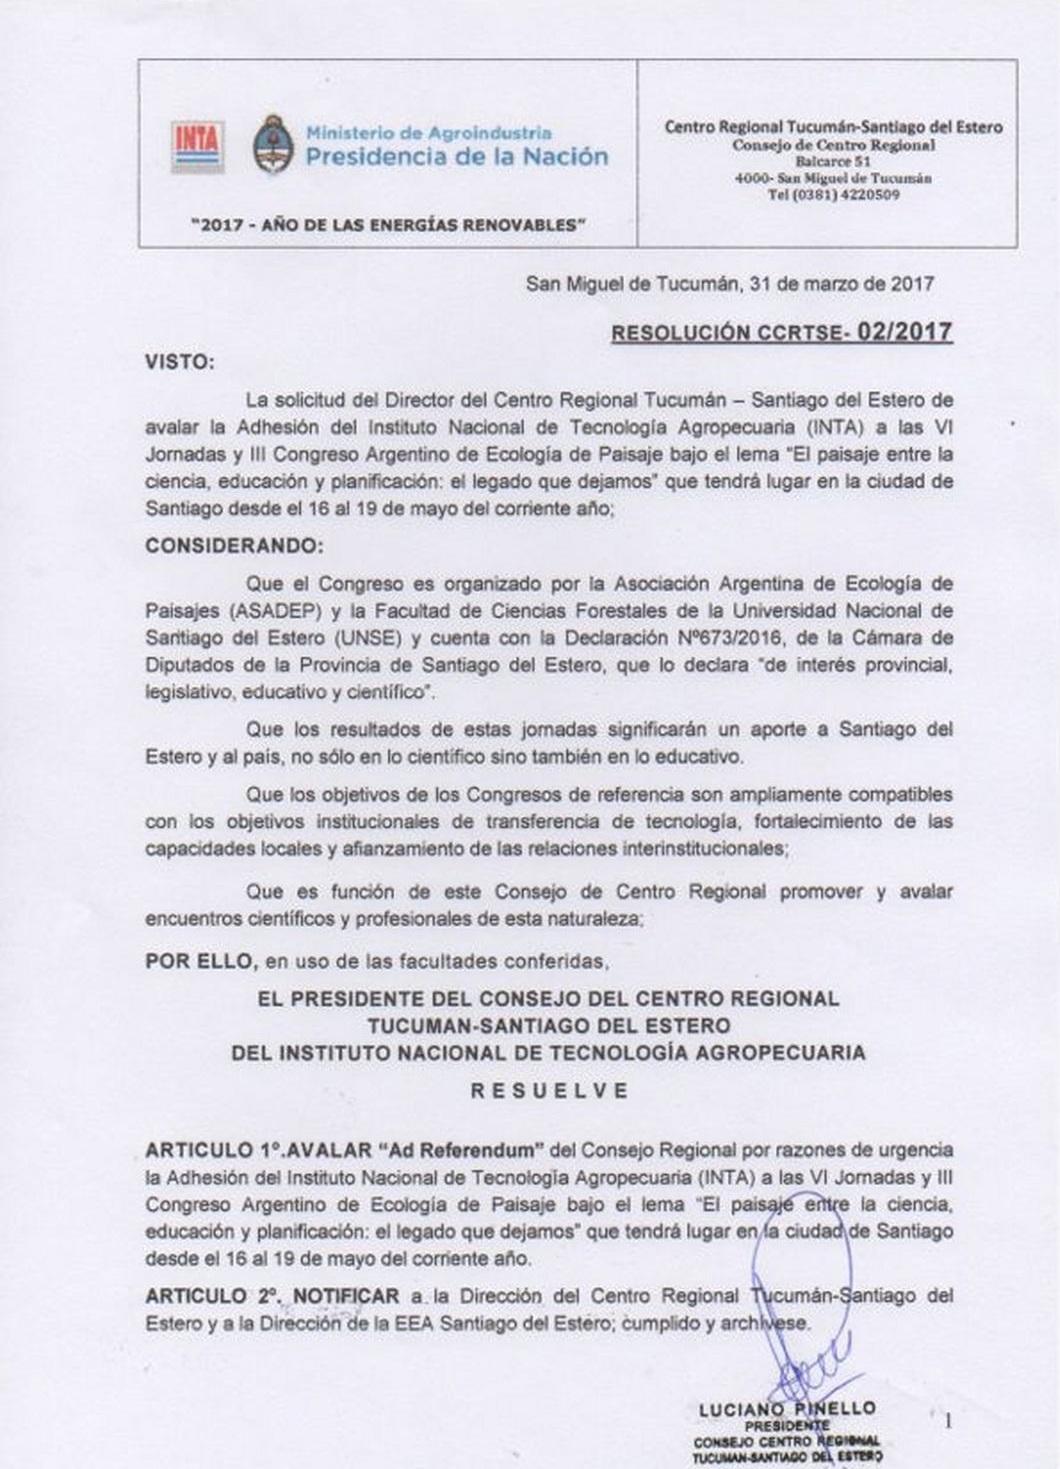 INTA Centro Regional Tucumán-Santiago del Estero